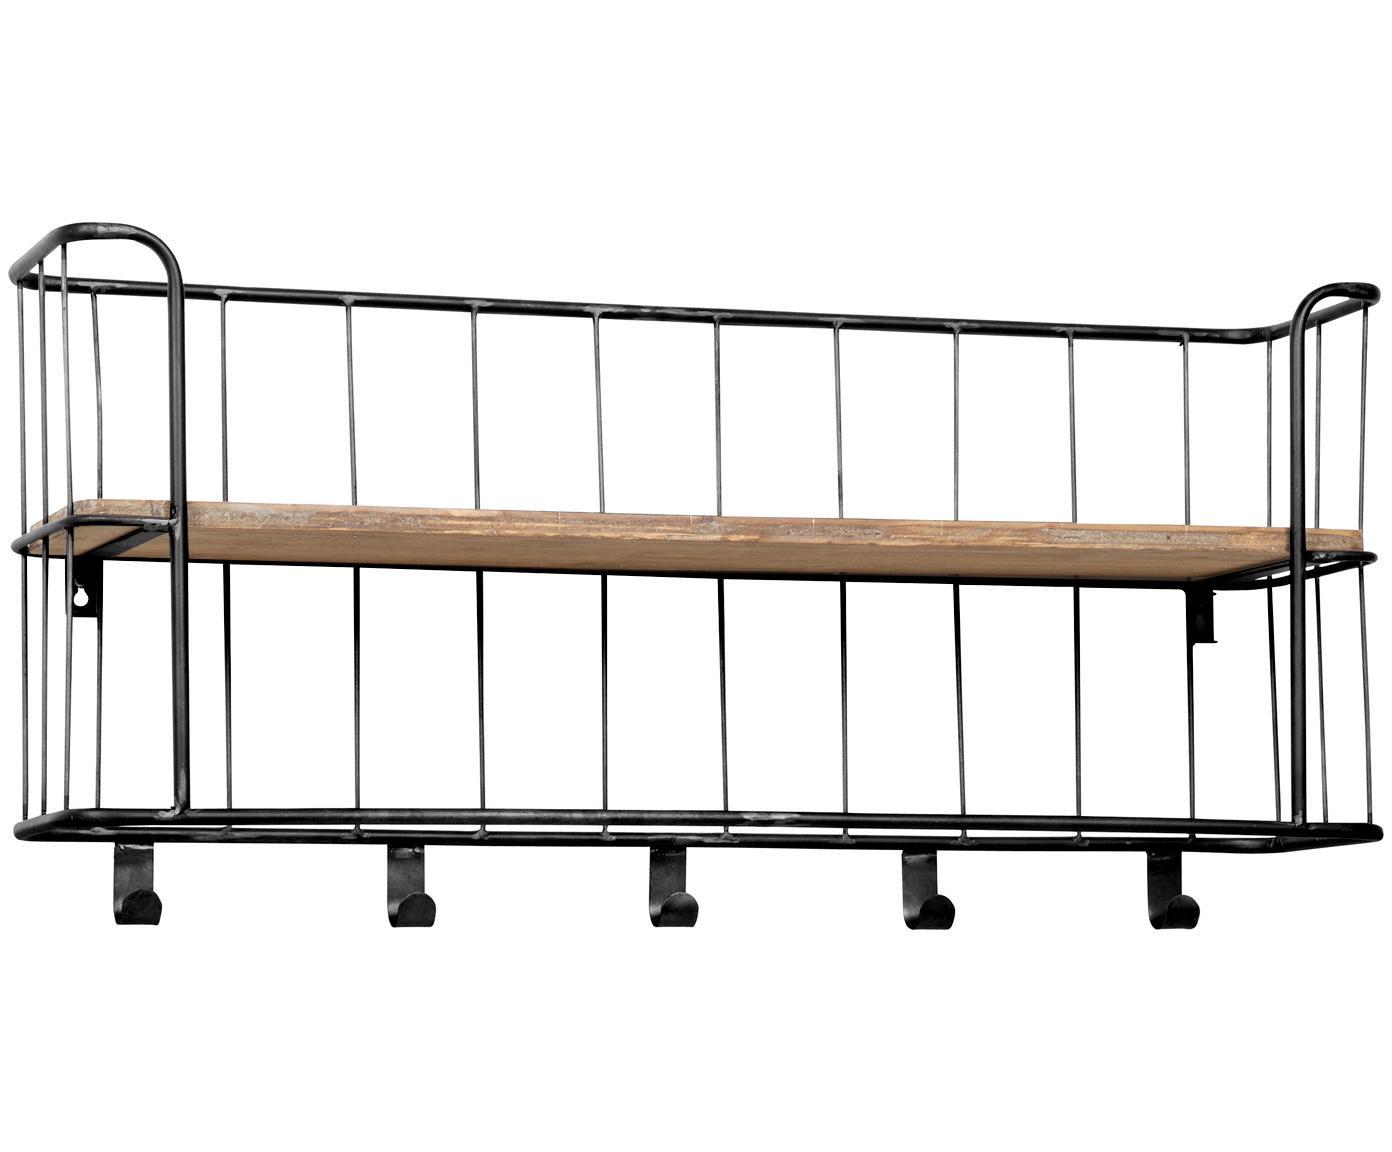 Ripiano a muro con appendiabiti Giro, Struttura: metallo, cromato, Scaffale: legno di mango, Grigio scuro, legno di mango, Larg. 85 x Alt. 40 cm